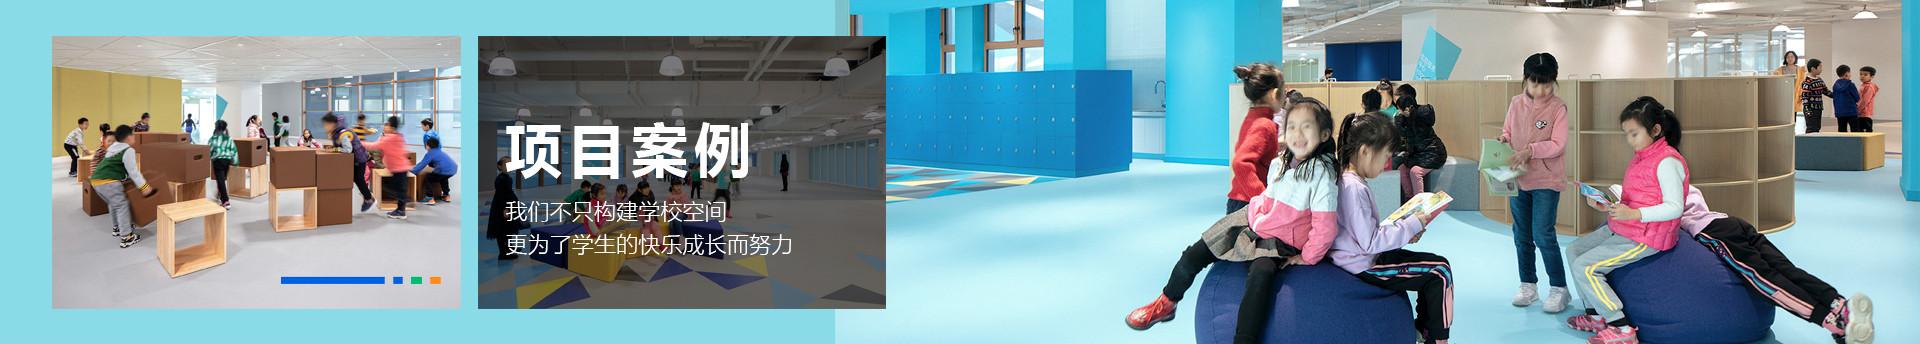 小学中学大学学校家具案例-SEEWIN诗敏家具成功案例国际学校家具-学生课桌椅-学生宿舍床-未来教室家具-上海诗敏学校家具厂家